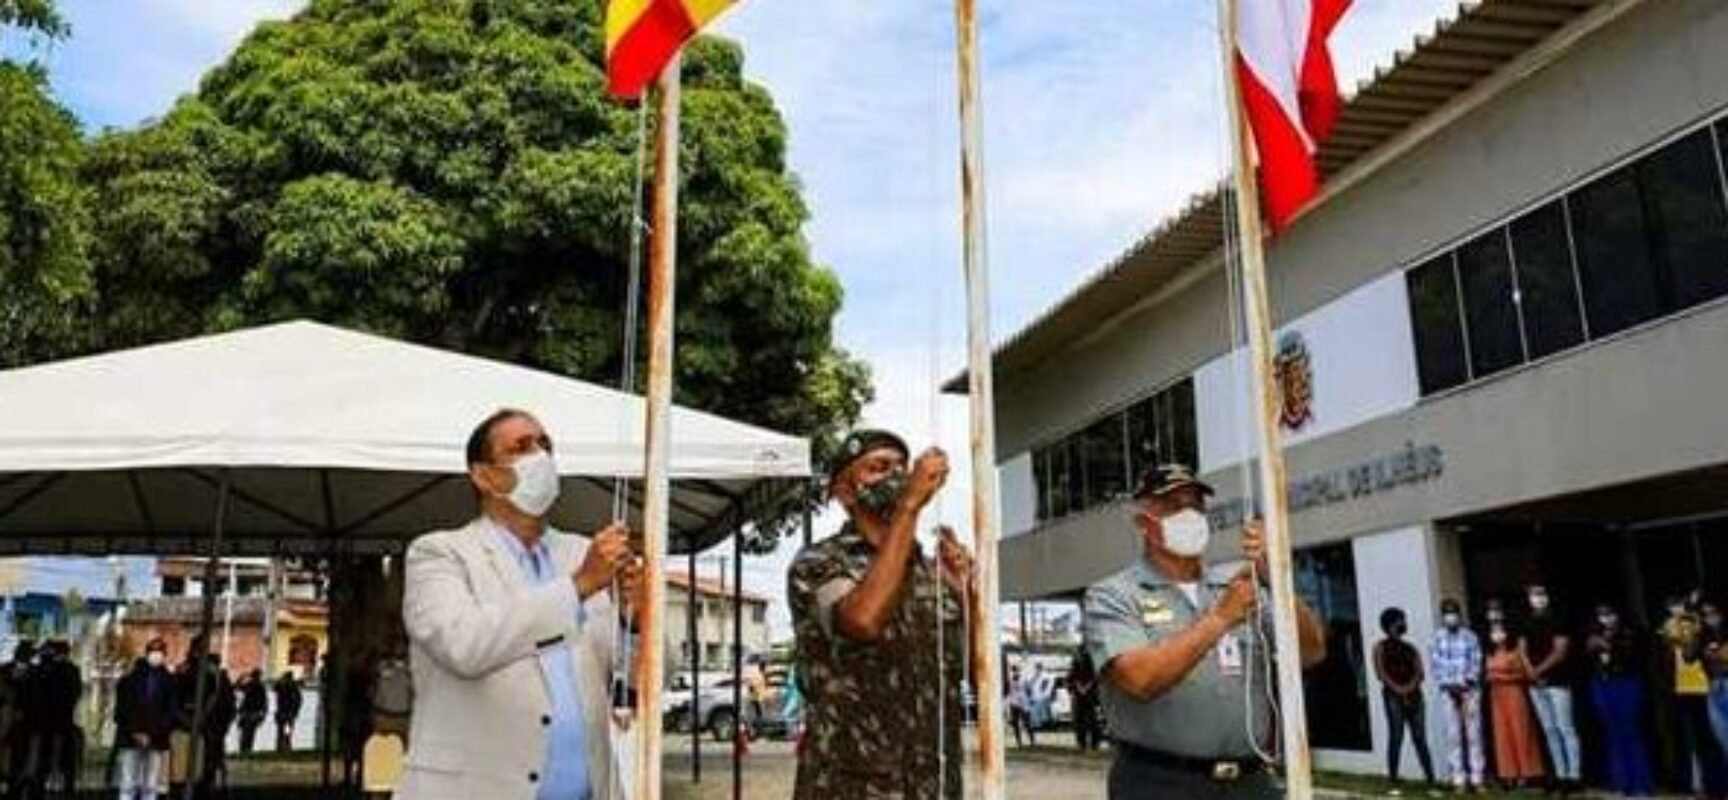 Prefeitura de Ilhéus realiza solenidade cívica em comemoração ao dia da Independência do Brasil